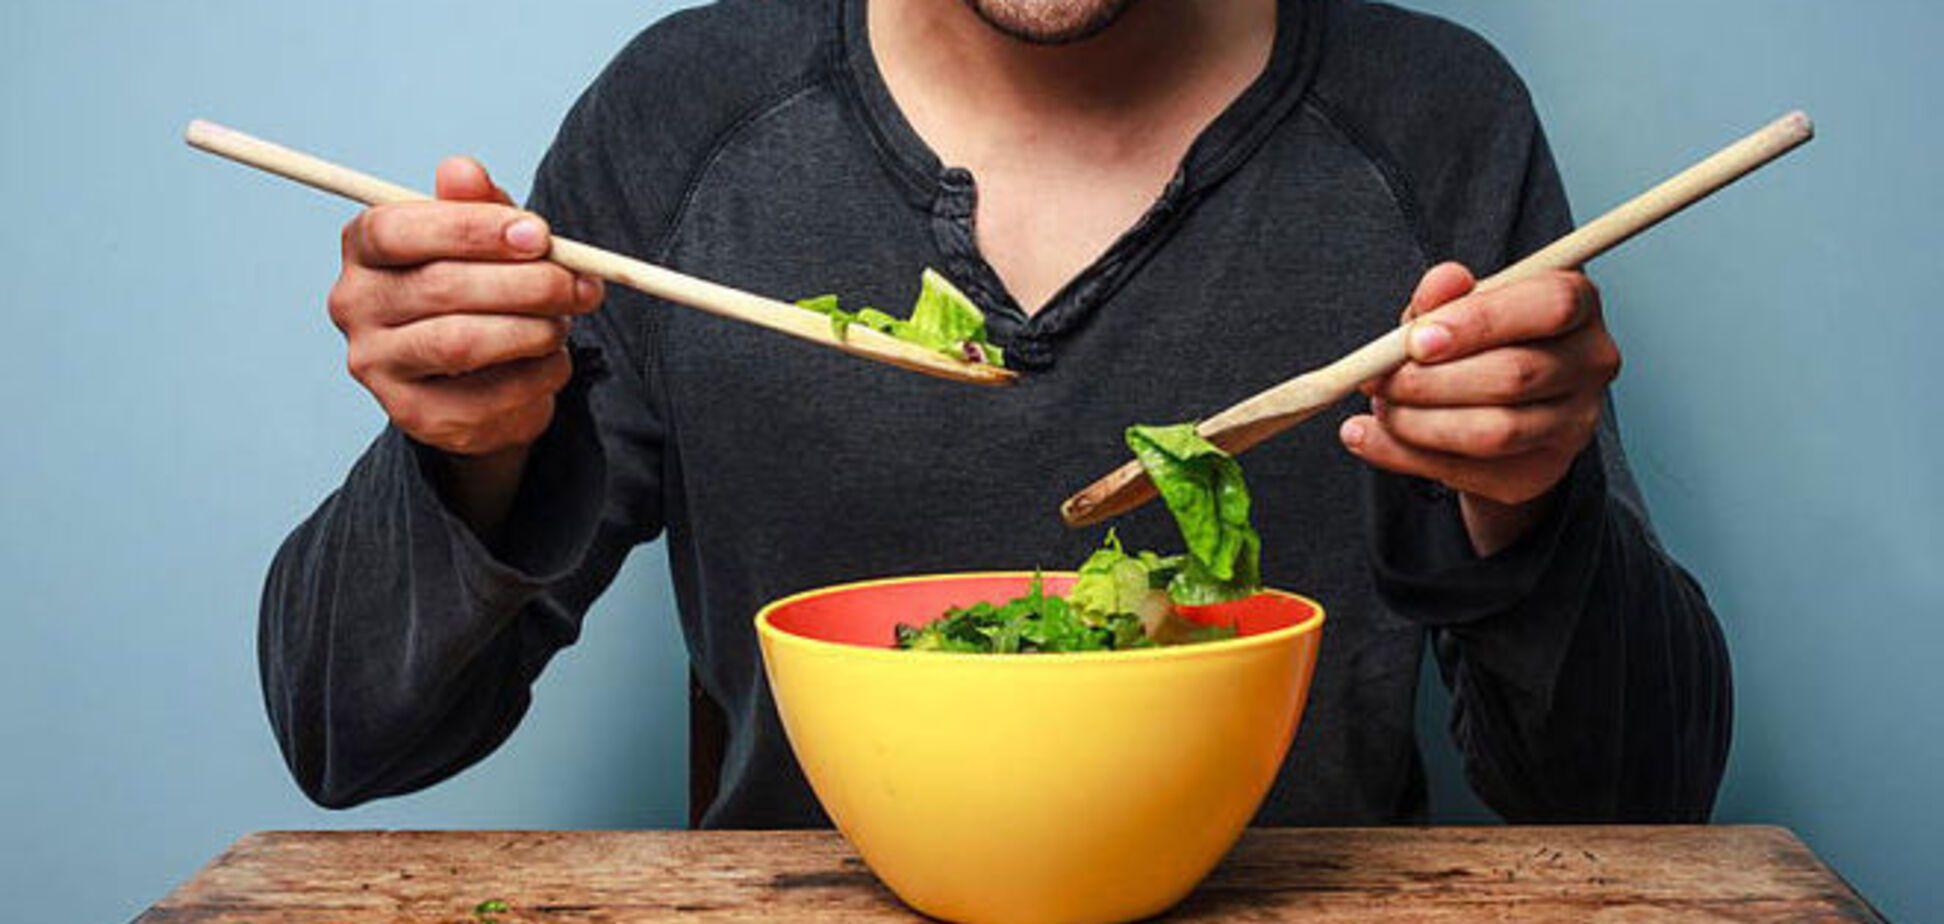 6 вкусных диетических блюд, которые можно есть после тренировок